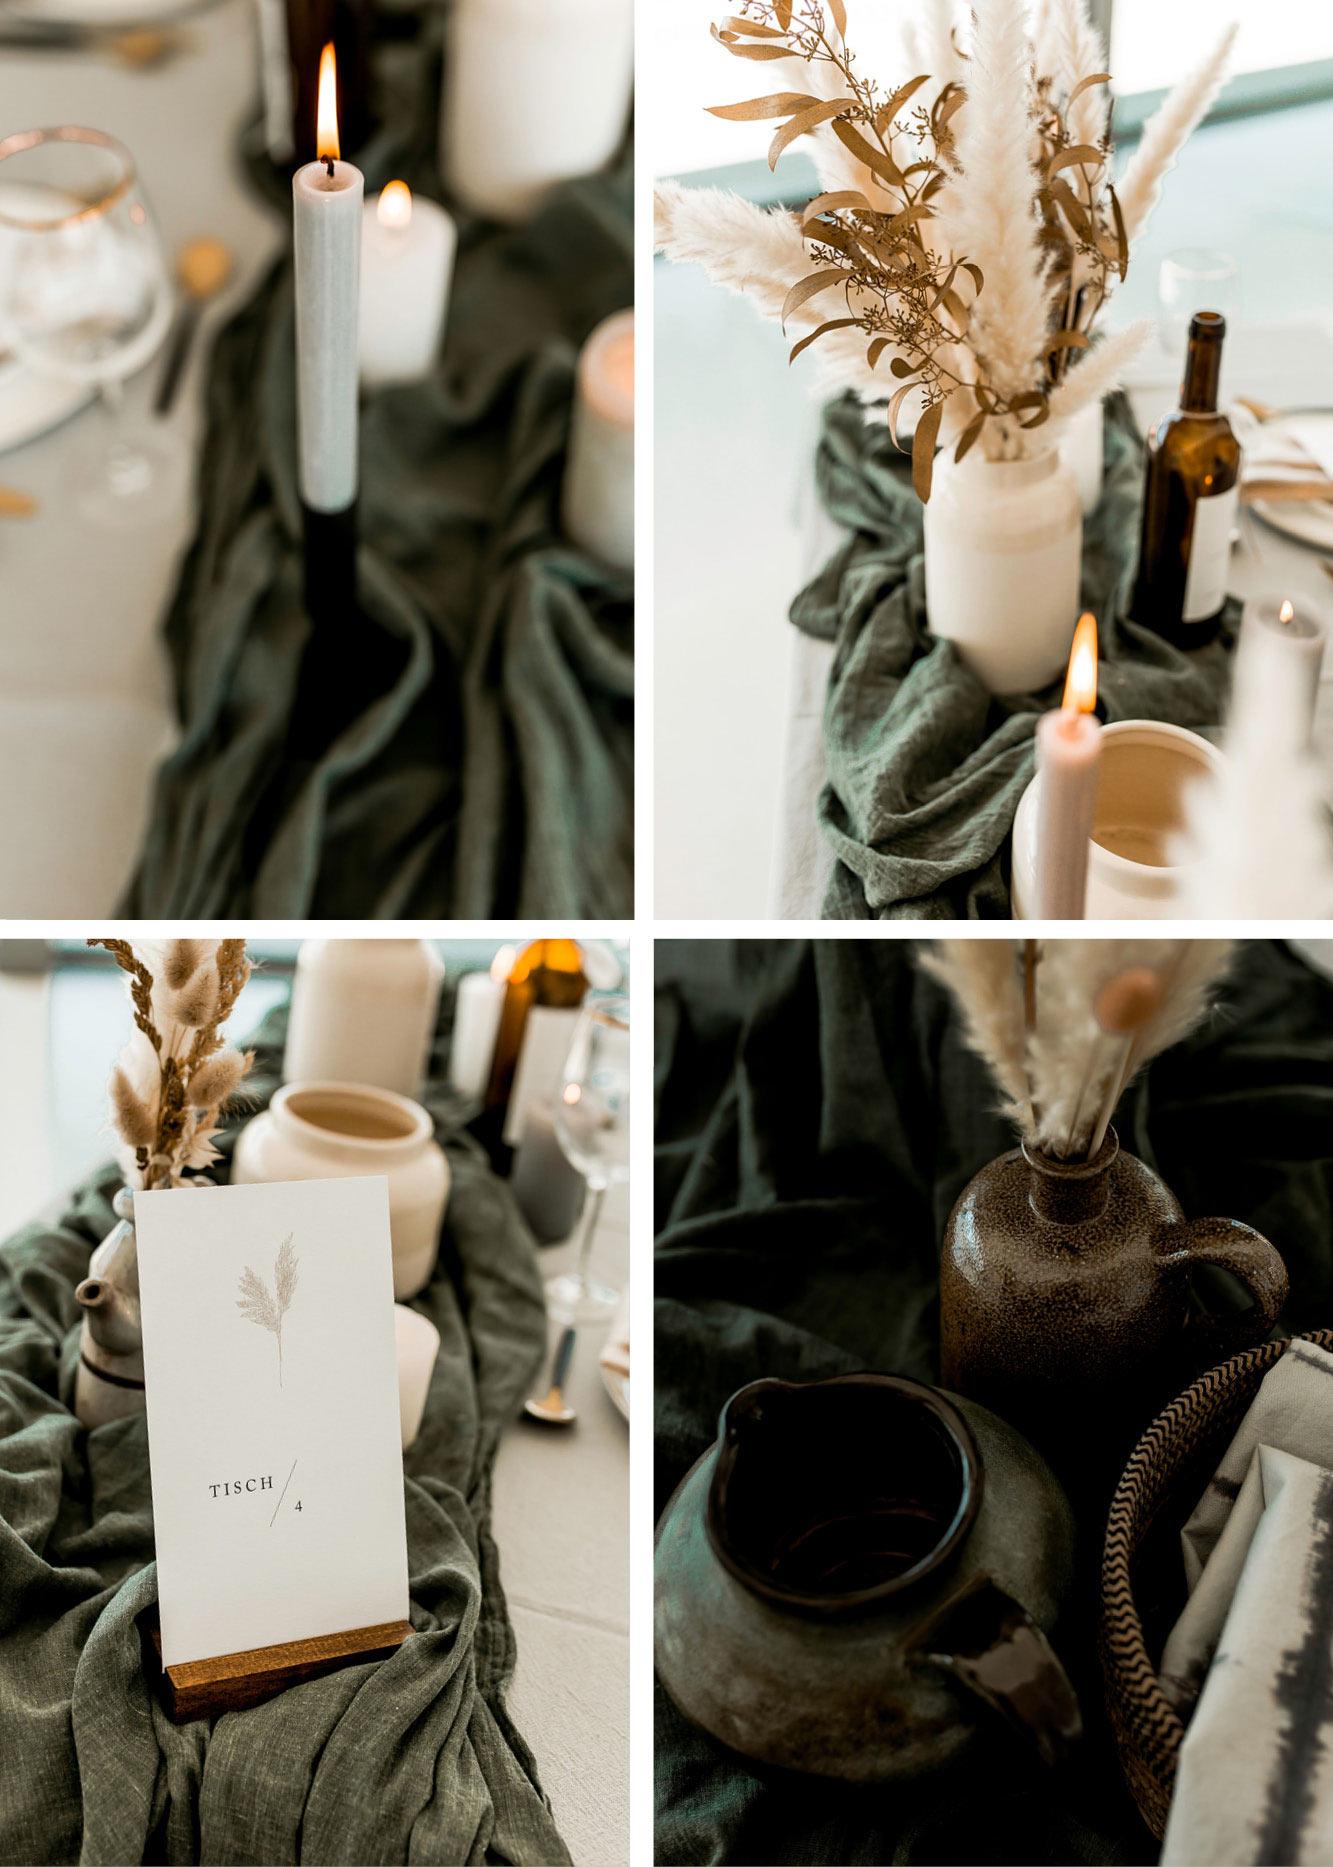 Tischdekoration aus beige und grauen Leinen, Mitteltischdecke in olive grün, auf dem Tisch stehen Kerzen, Tongefäße und Pampasgra.